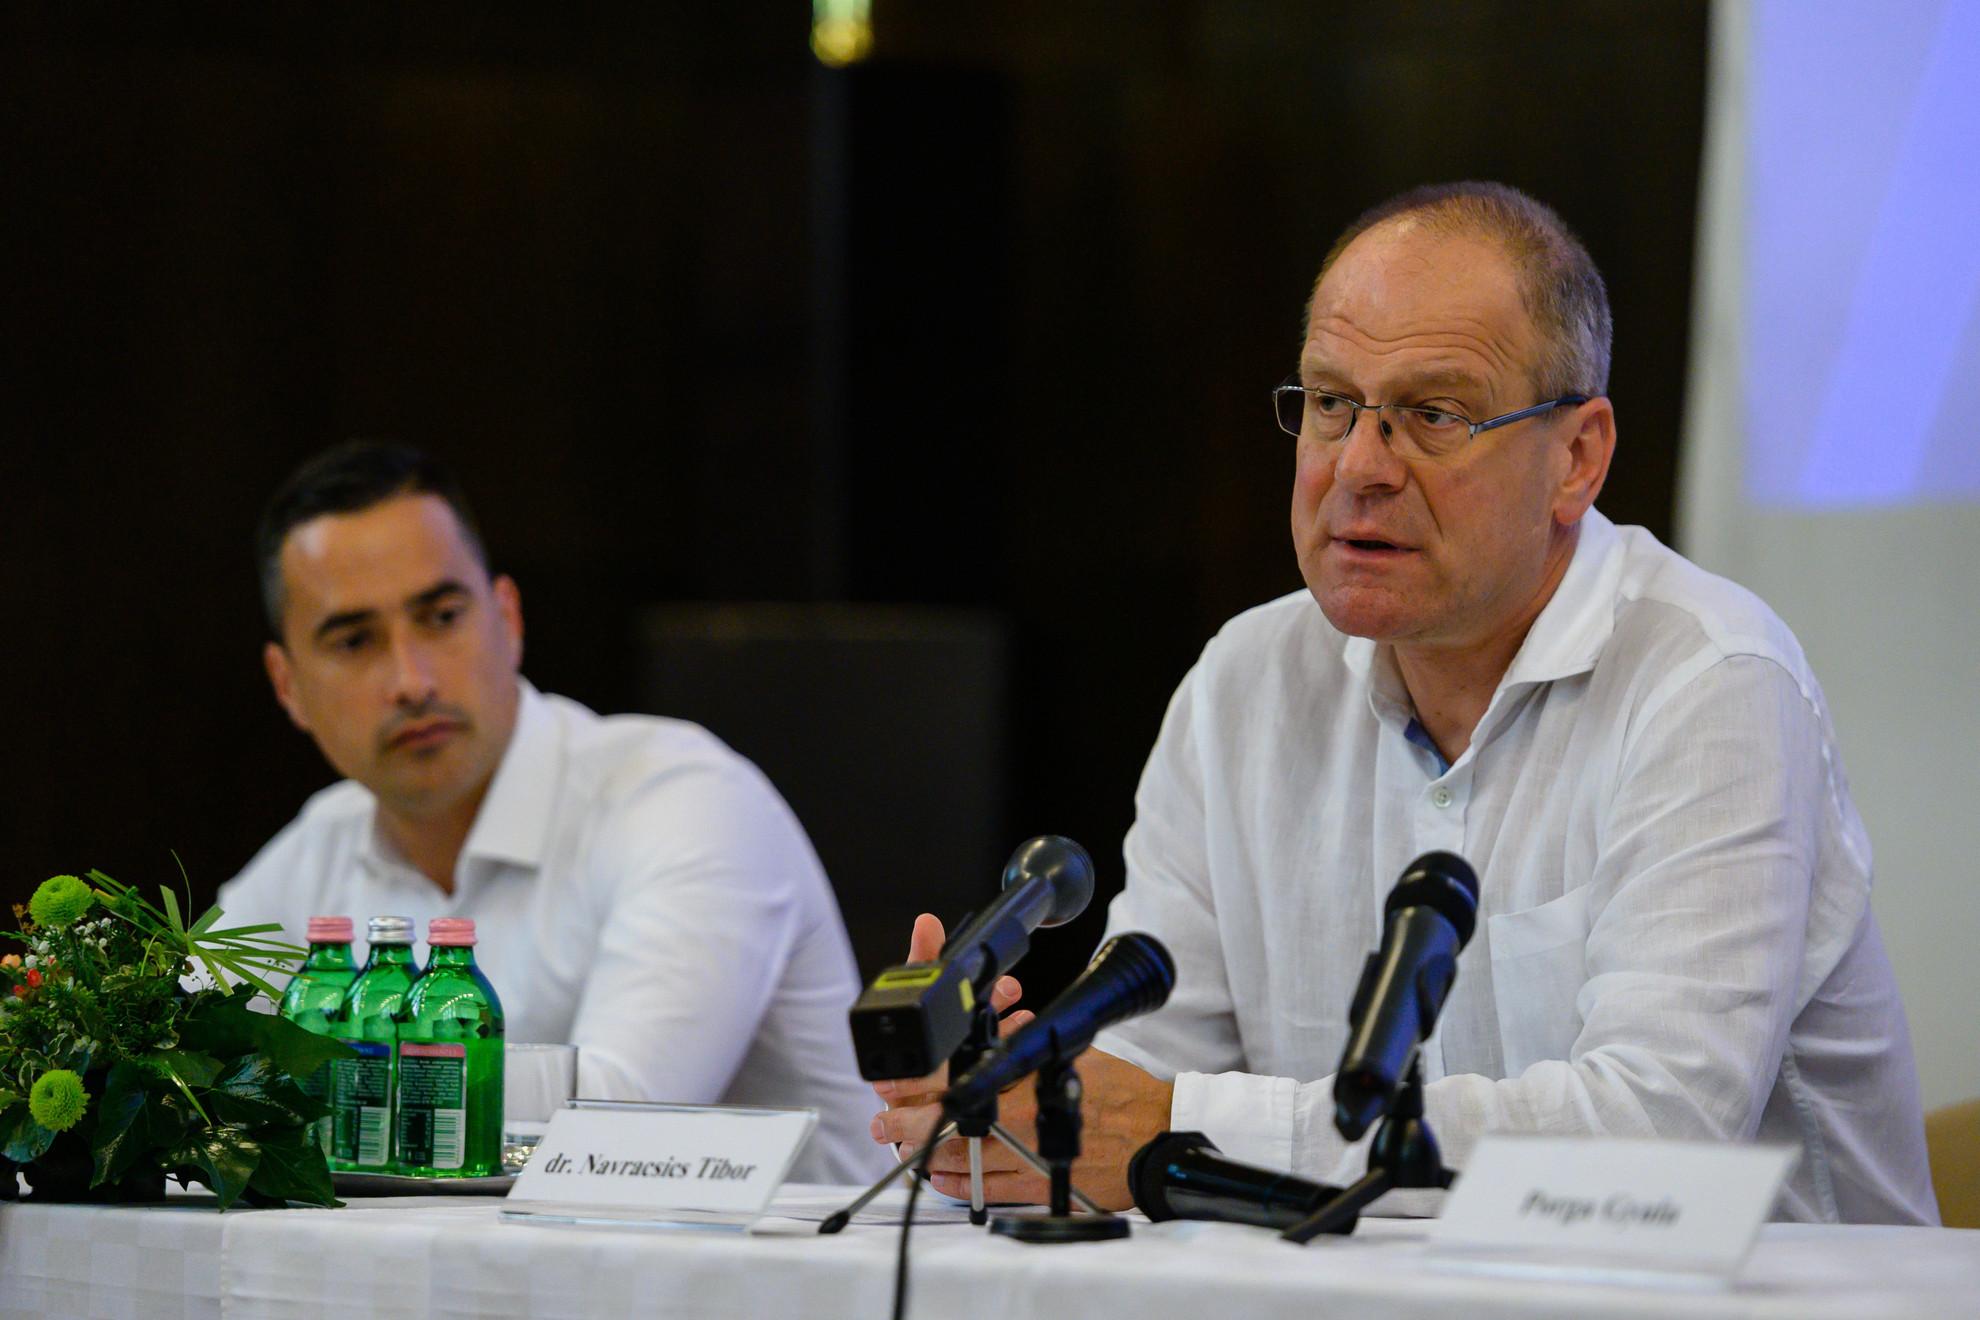 Navracsics Tibor, a Veszprém-Balaton Európa Kulturális Fővárosa Program 2023 (EKF) kormánybiztosa (j) és Ovádi Péter fideszes országgyűlési képviselő az EKF-ről tartott veszprémi sajtótájékoztatón